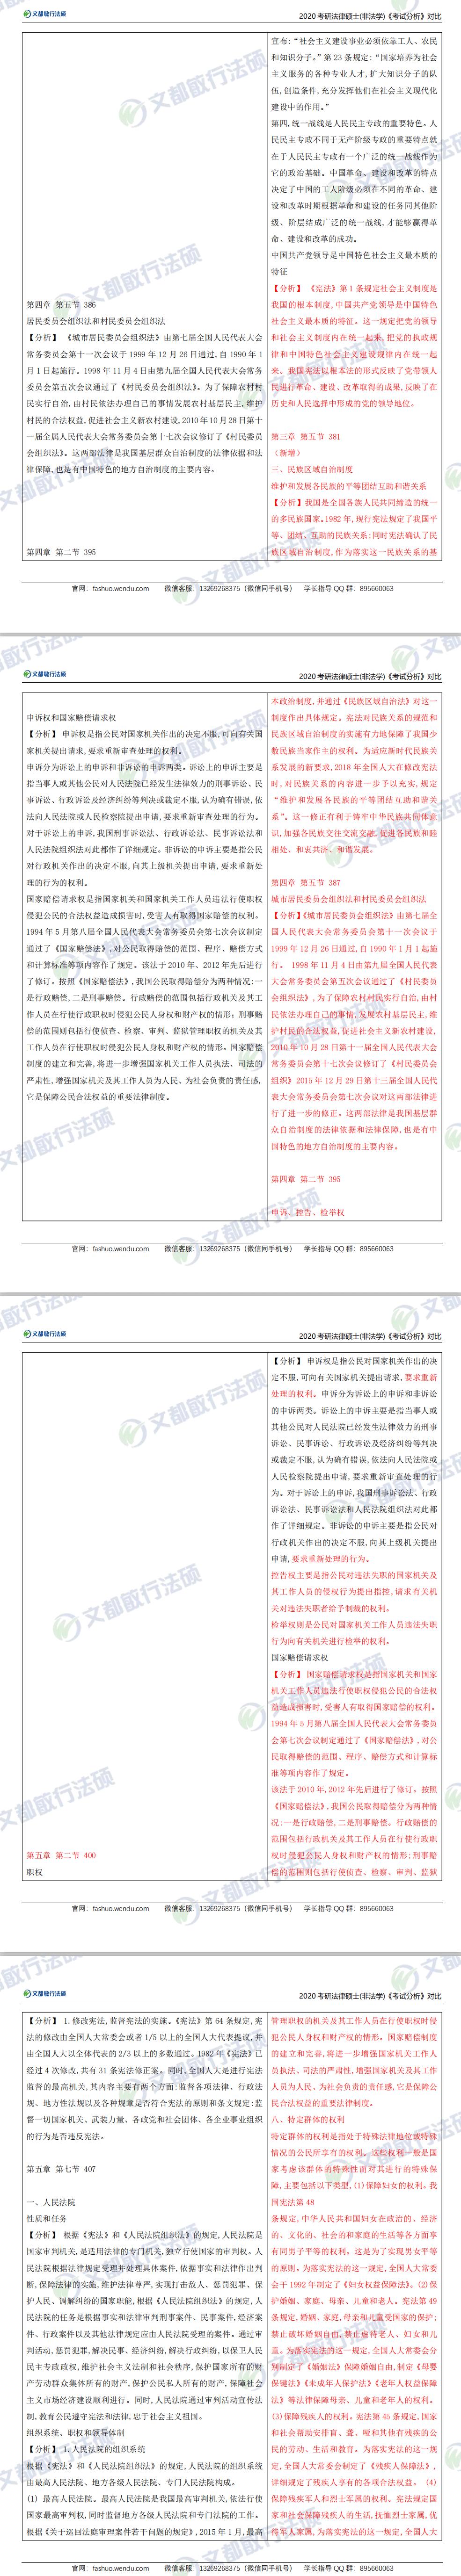 2020法硕(非法学)考研大纲考试分析对比表【综合课】(文都敏行法硕)